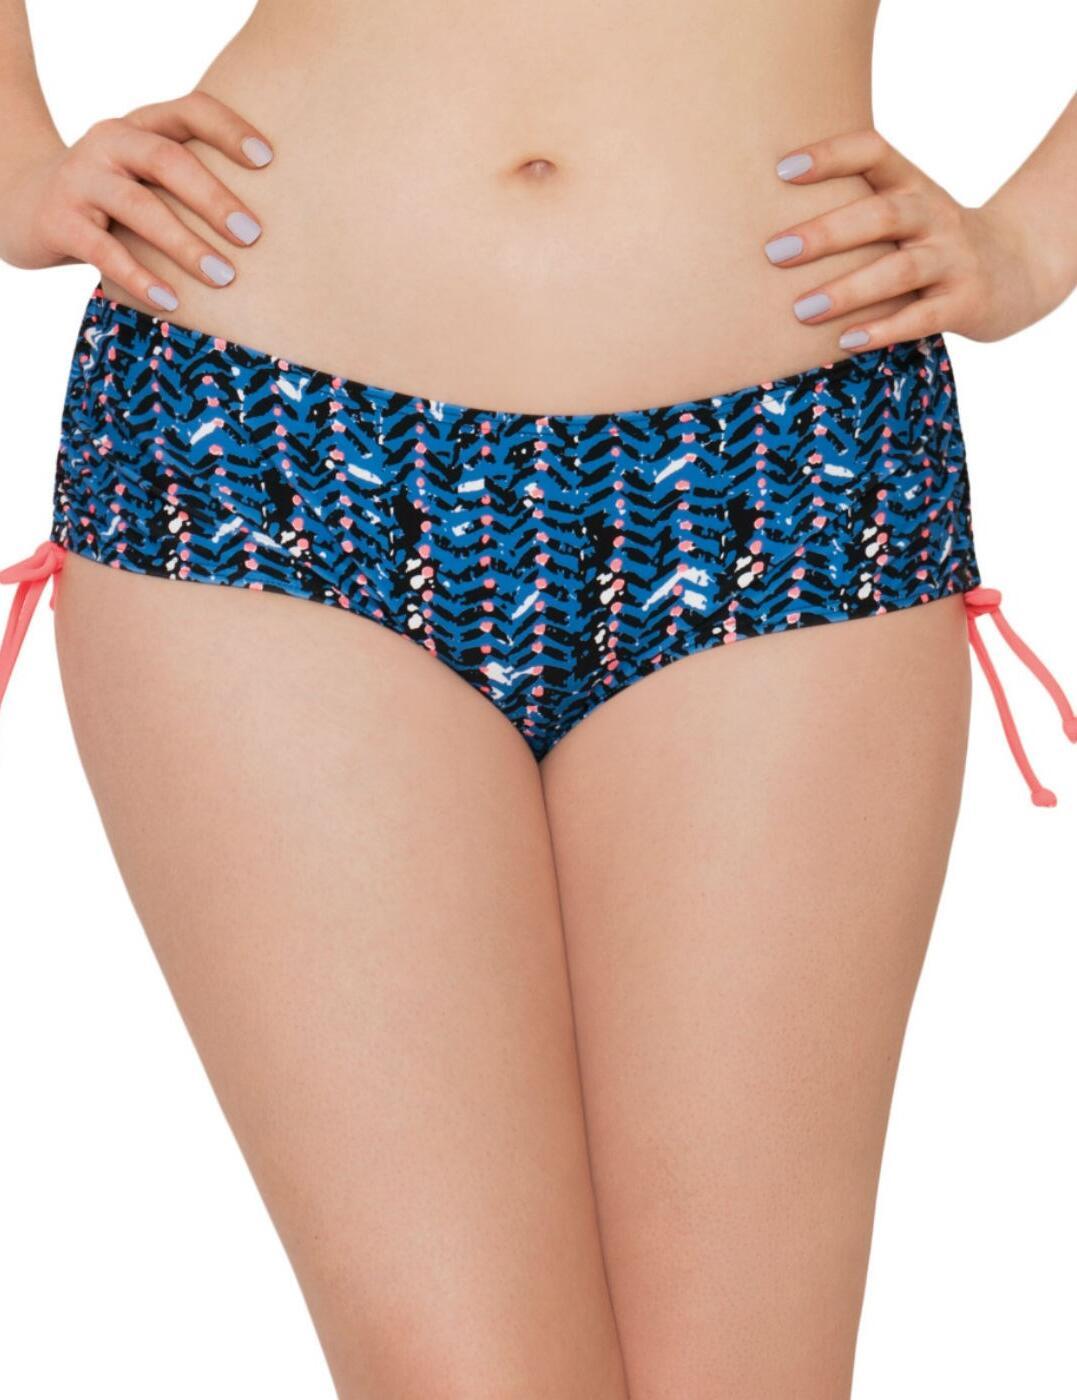 CS2913 Curvy Kate Instinct Adjustable Bikini Short - CS2913 Deep Sea